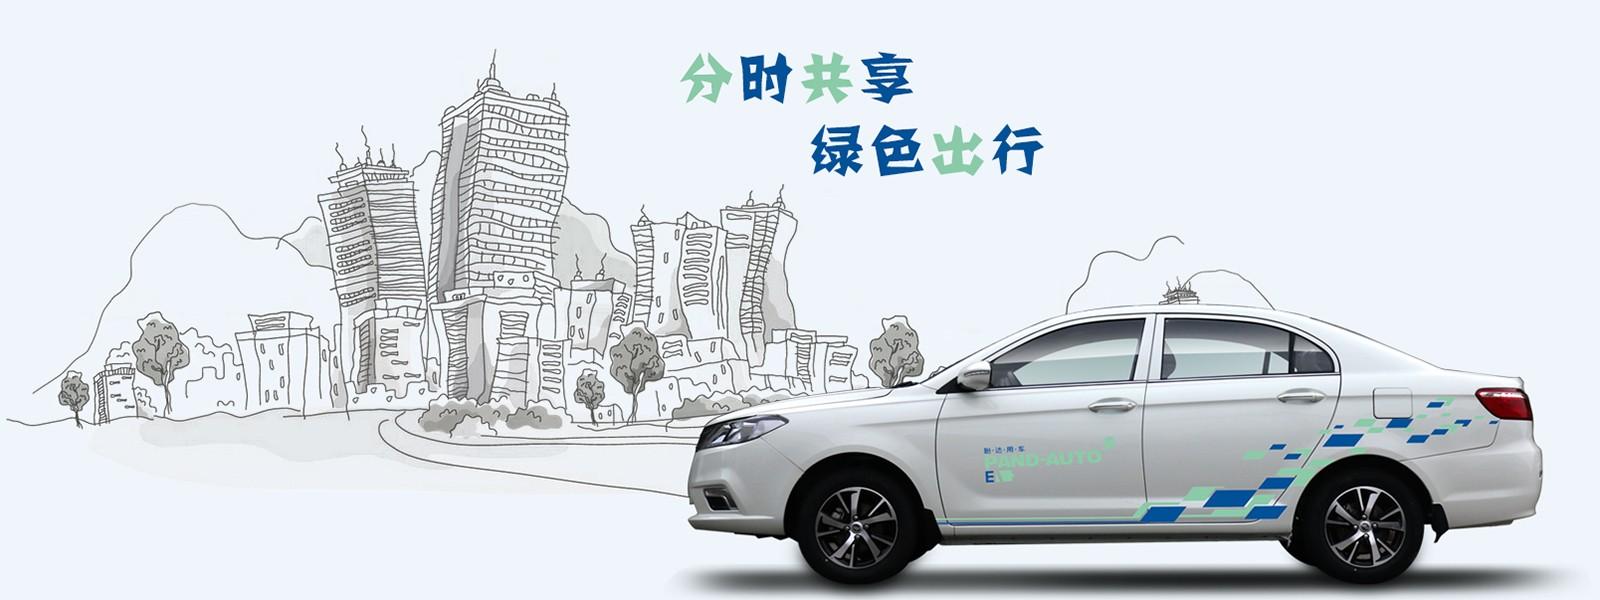 Электромобиль на базе нового Солано доступен по системе каршеринга - поминутной аренды автомобиля. На таком в среднем можно проехать более 250 км